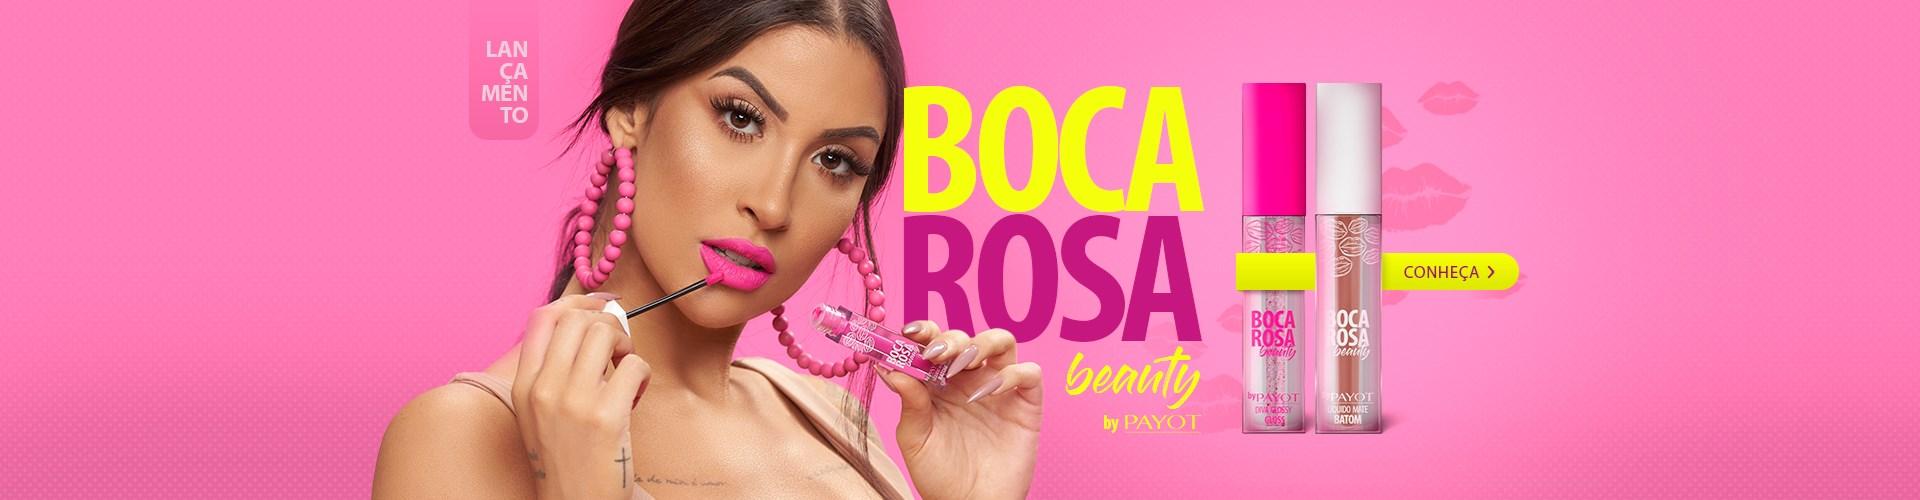 Boca Rosa Batom